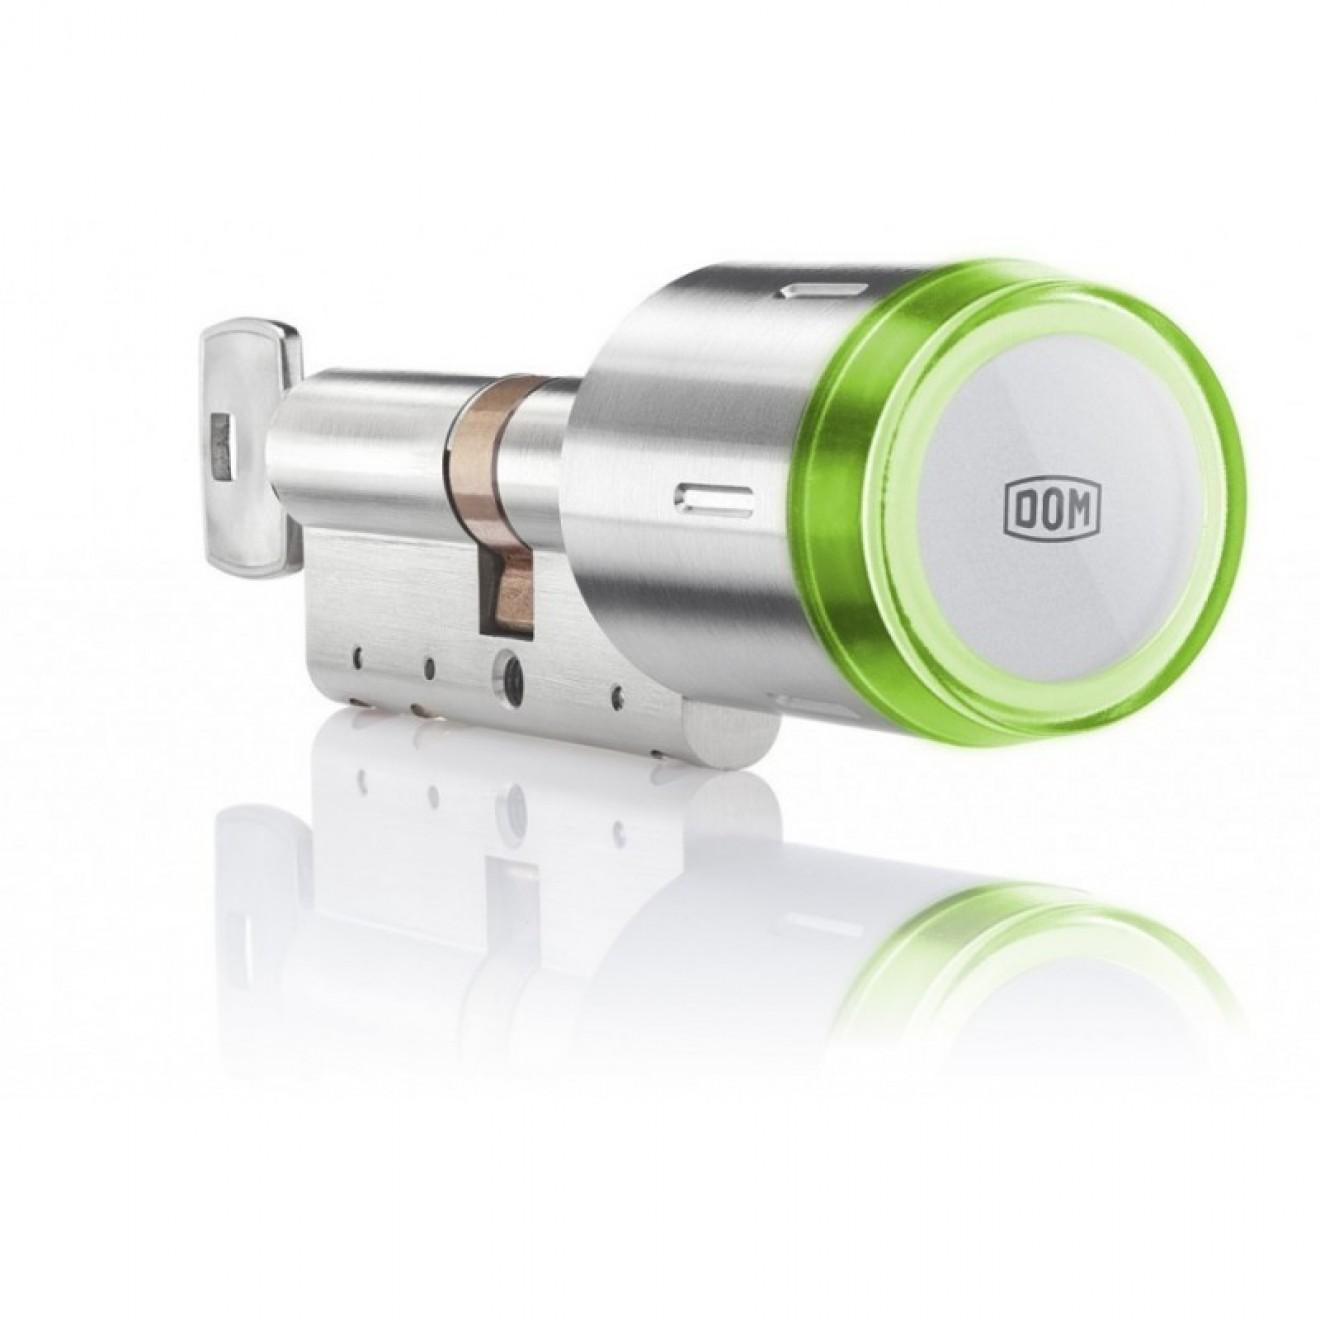 elektronischer schliesszylinder schlieazylinder ee mit innenschlieaung dom